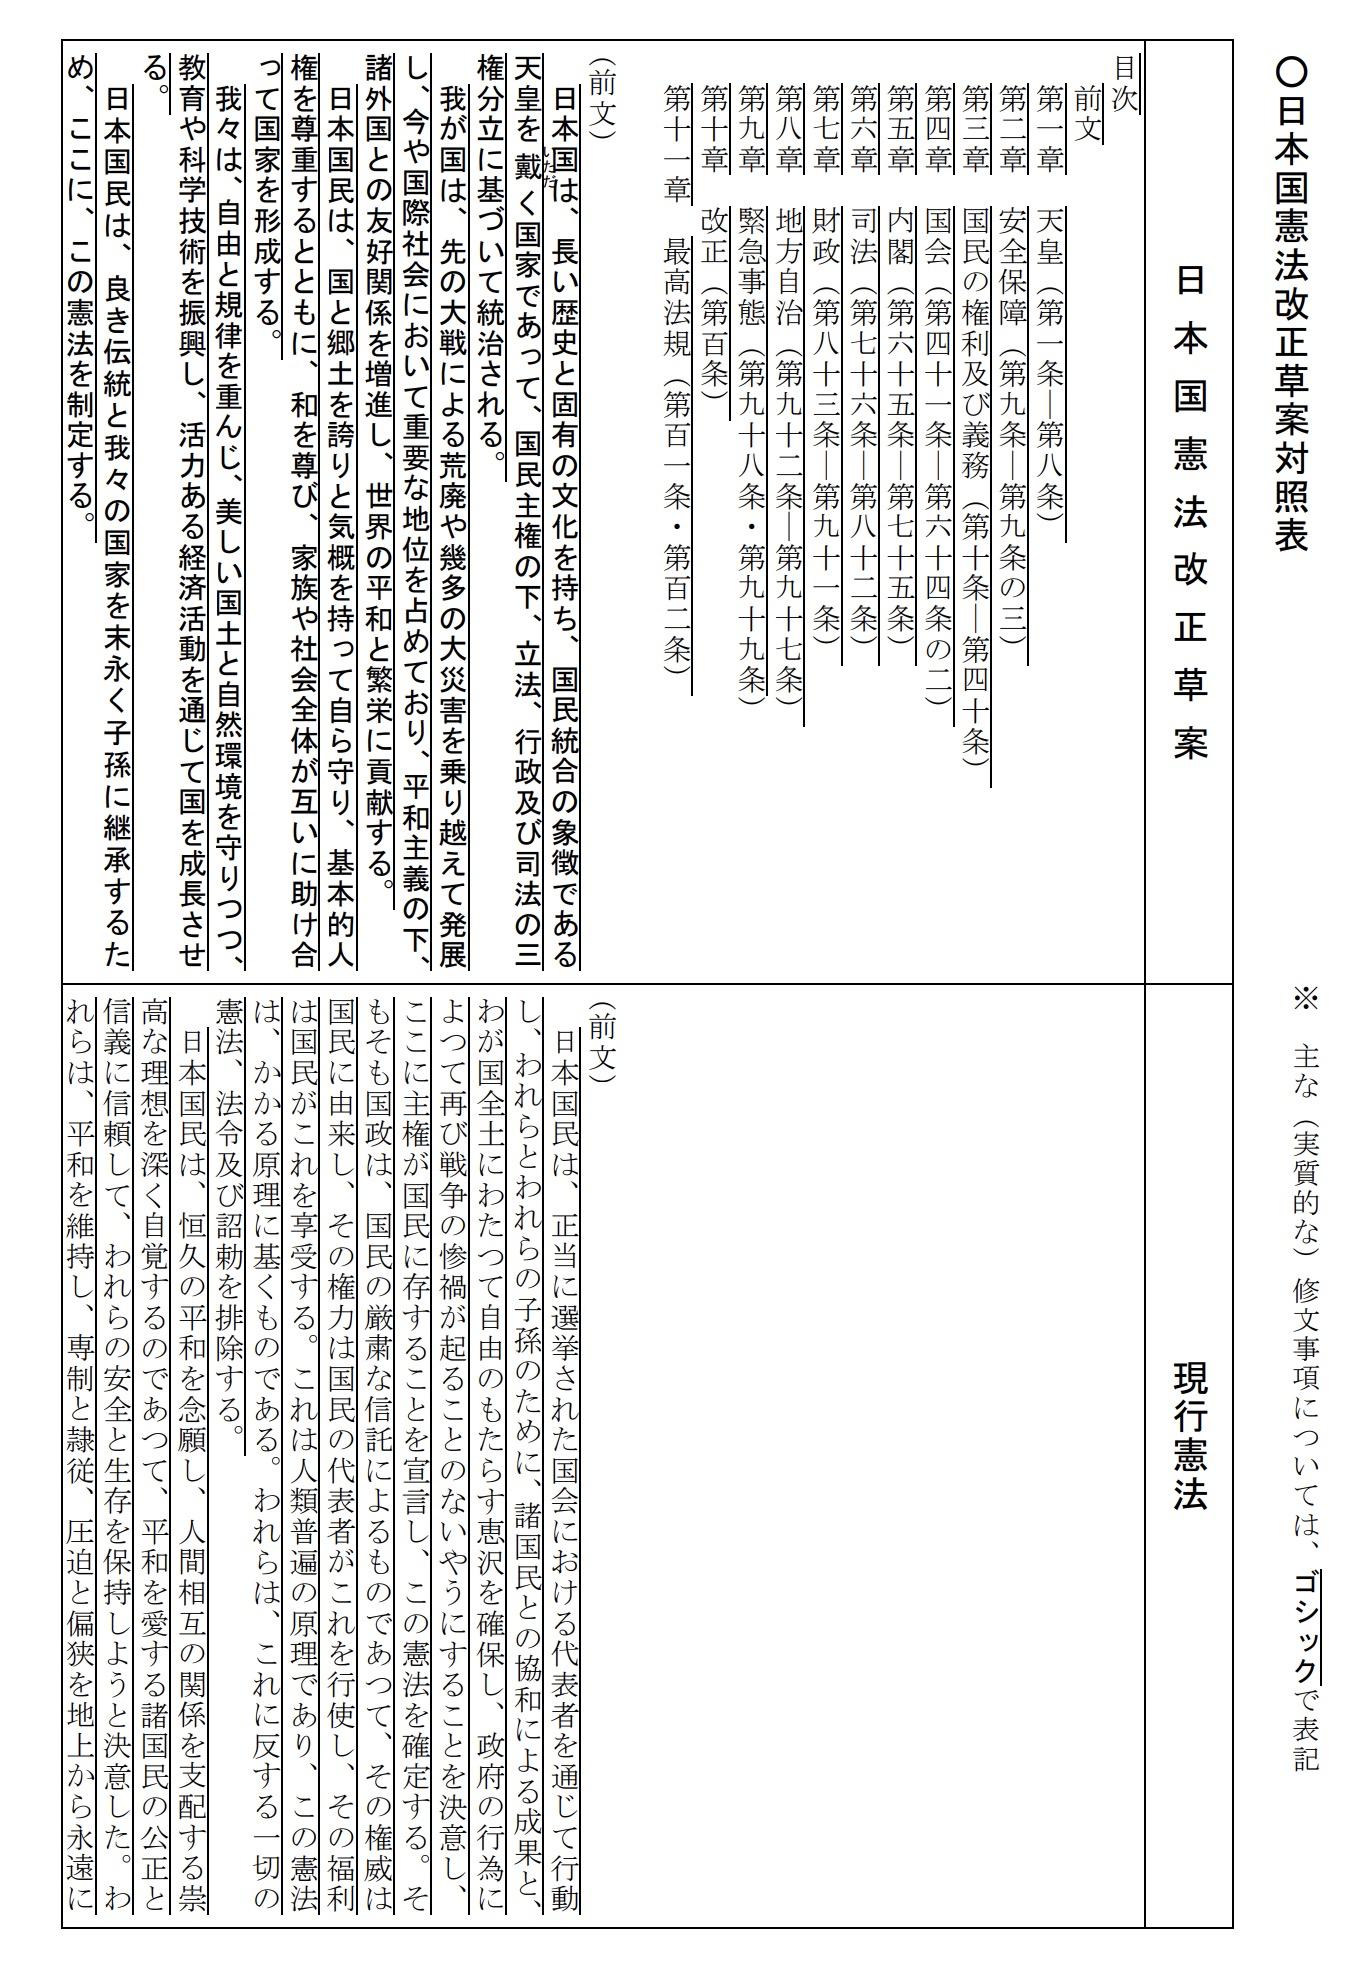 自民党による憲法改正草案の前文